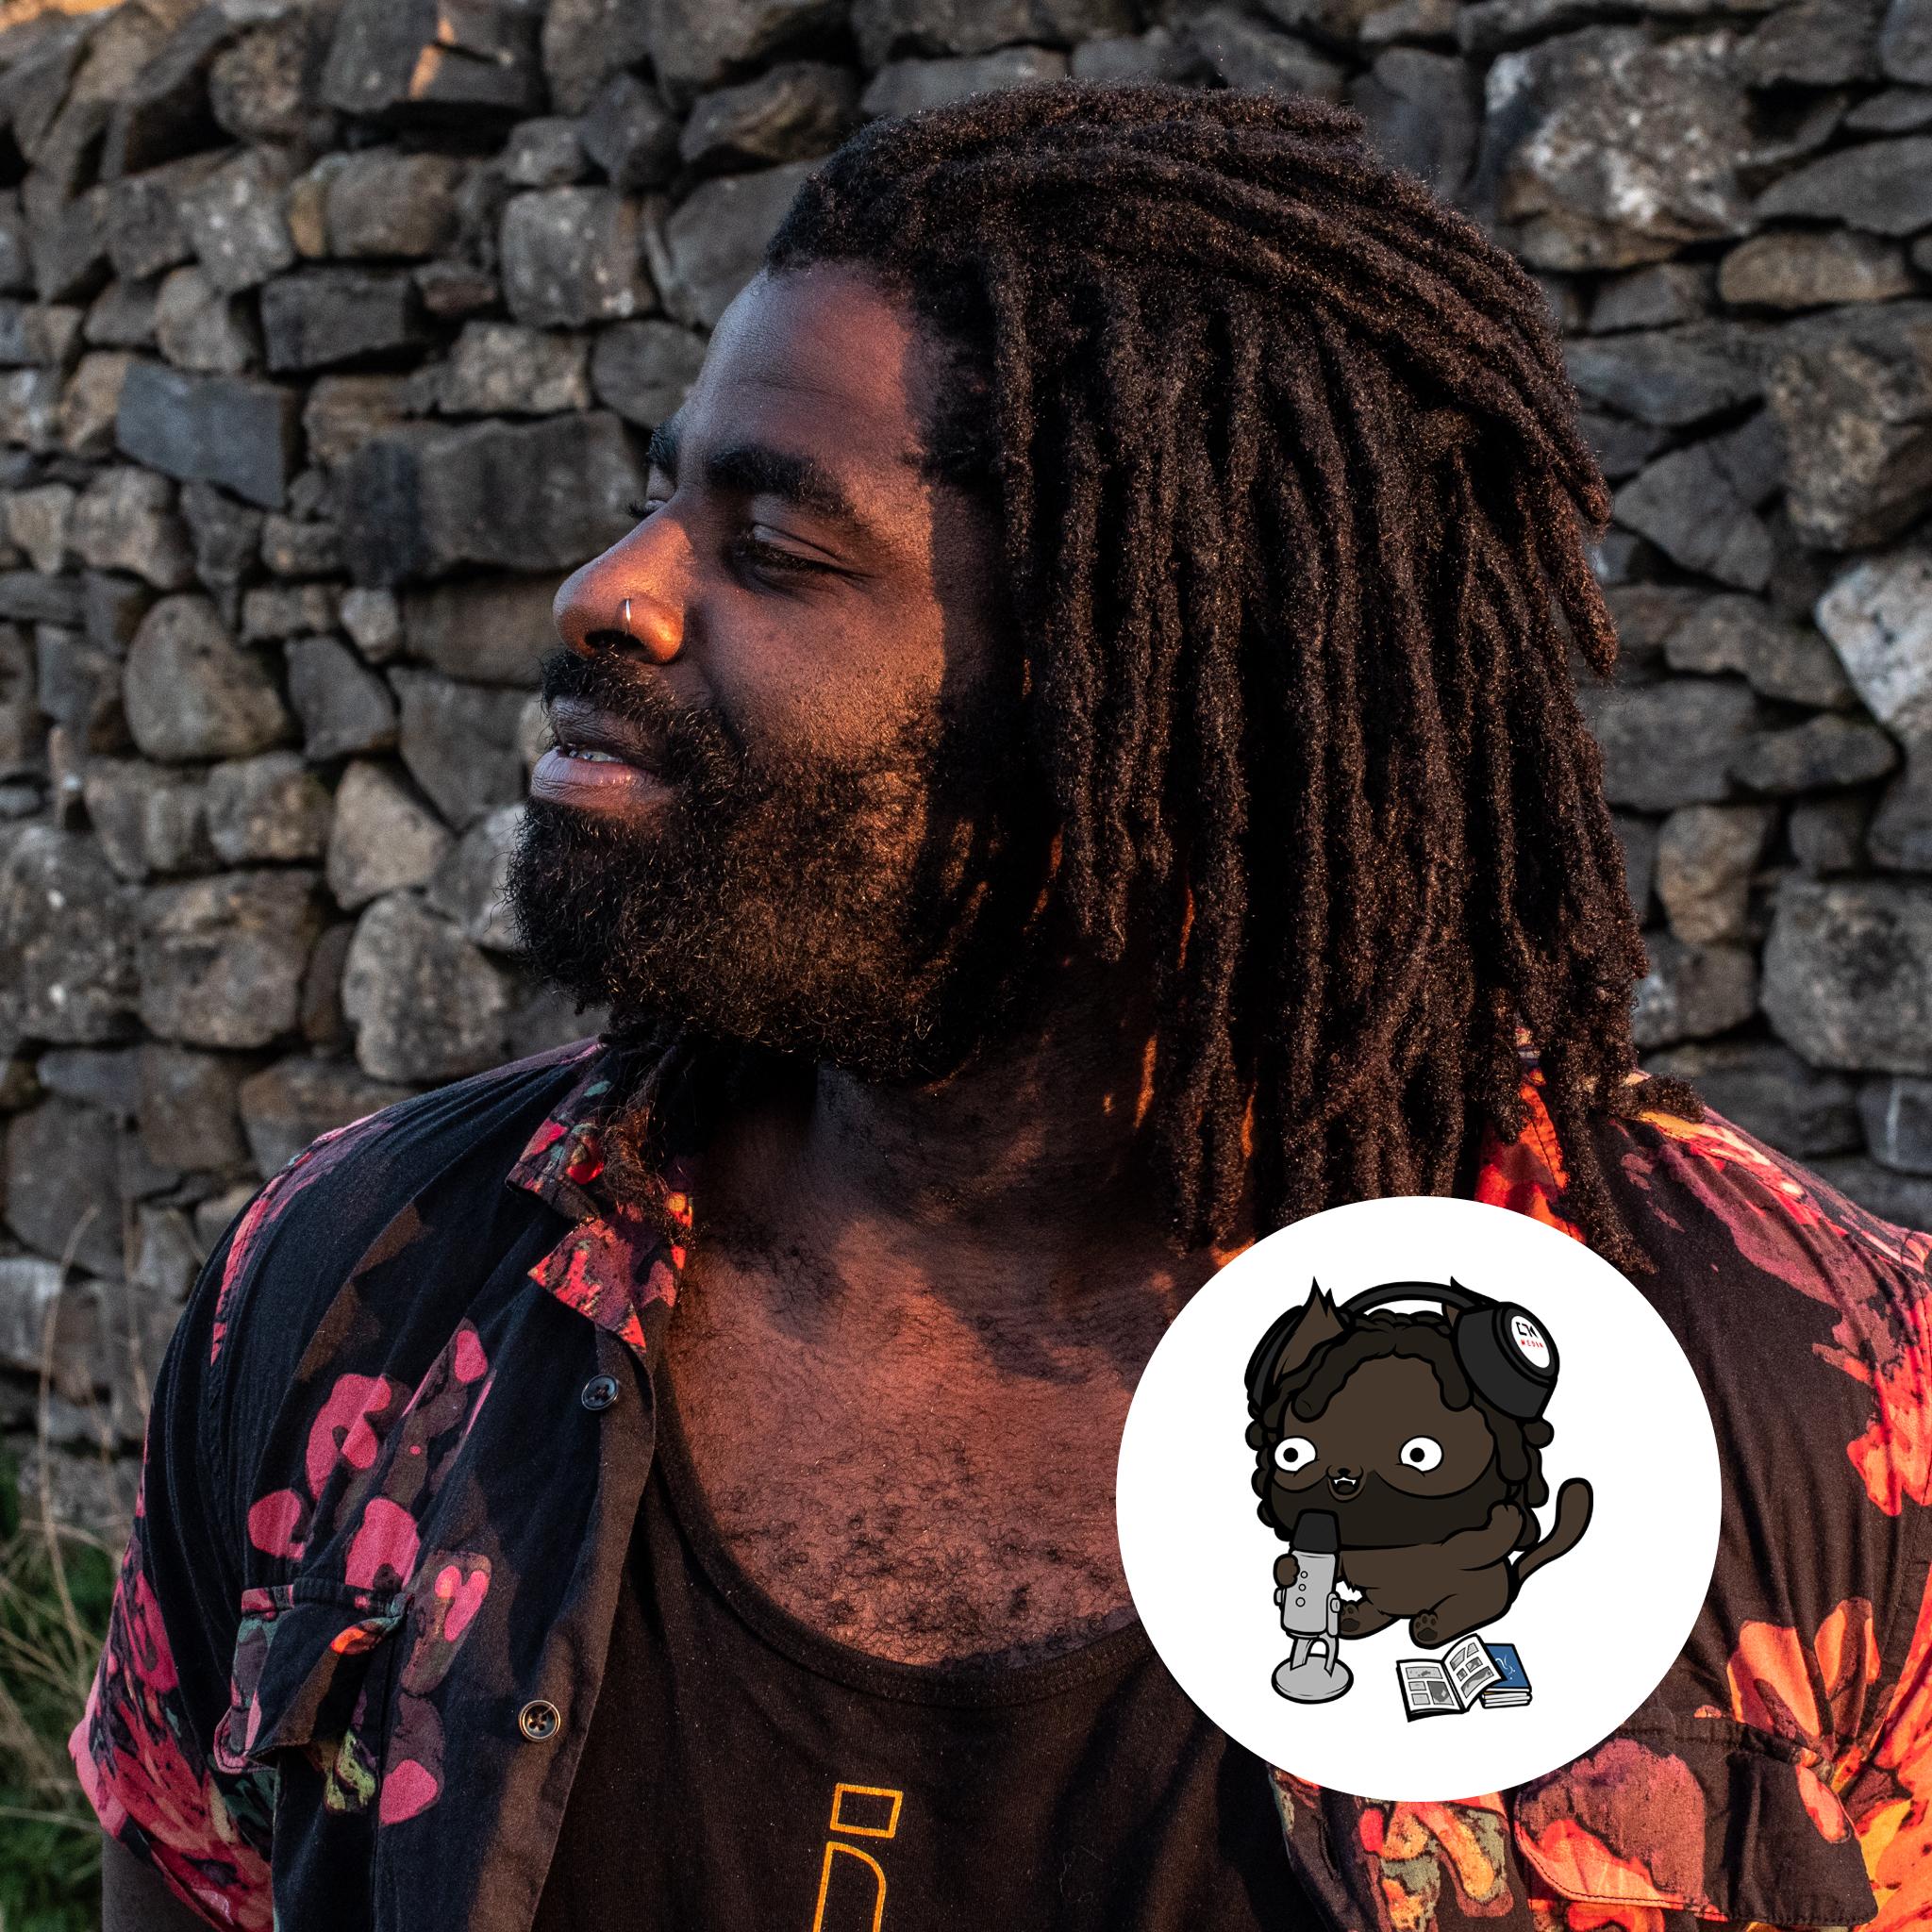 Kofi Headshot With Kitten - 2019